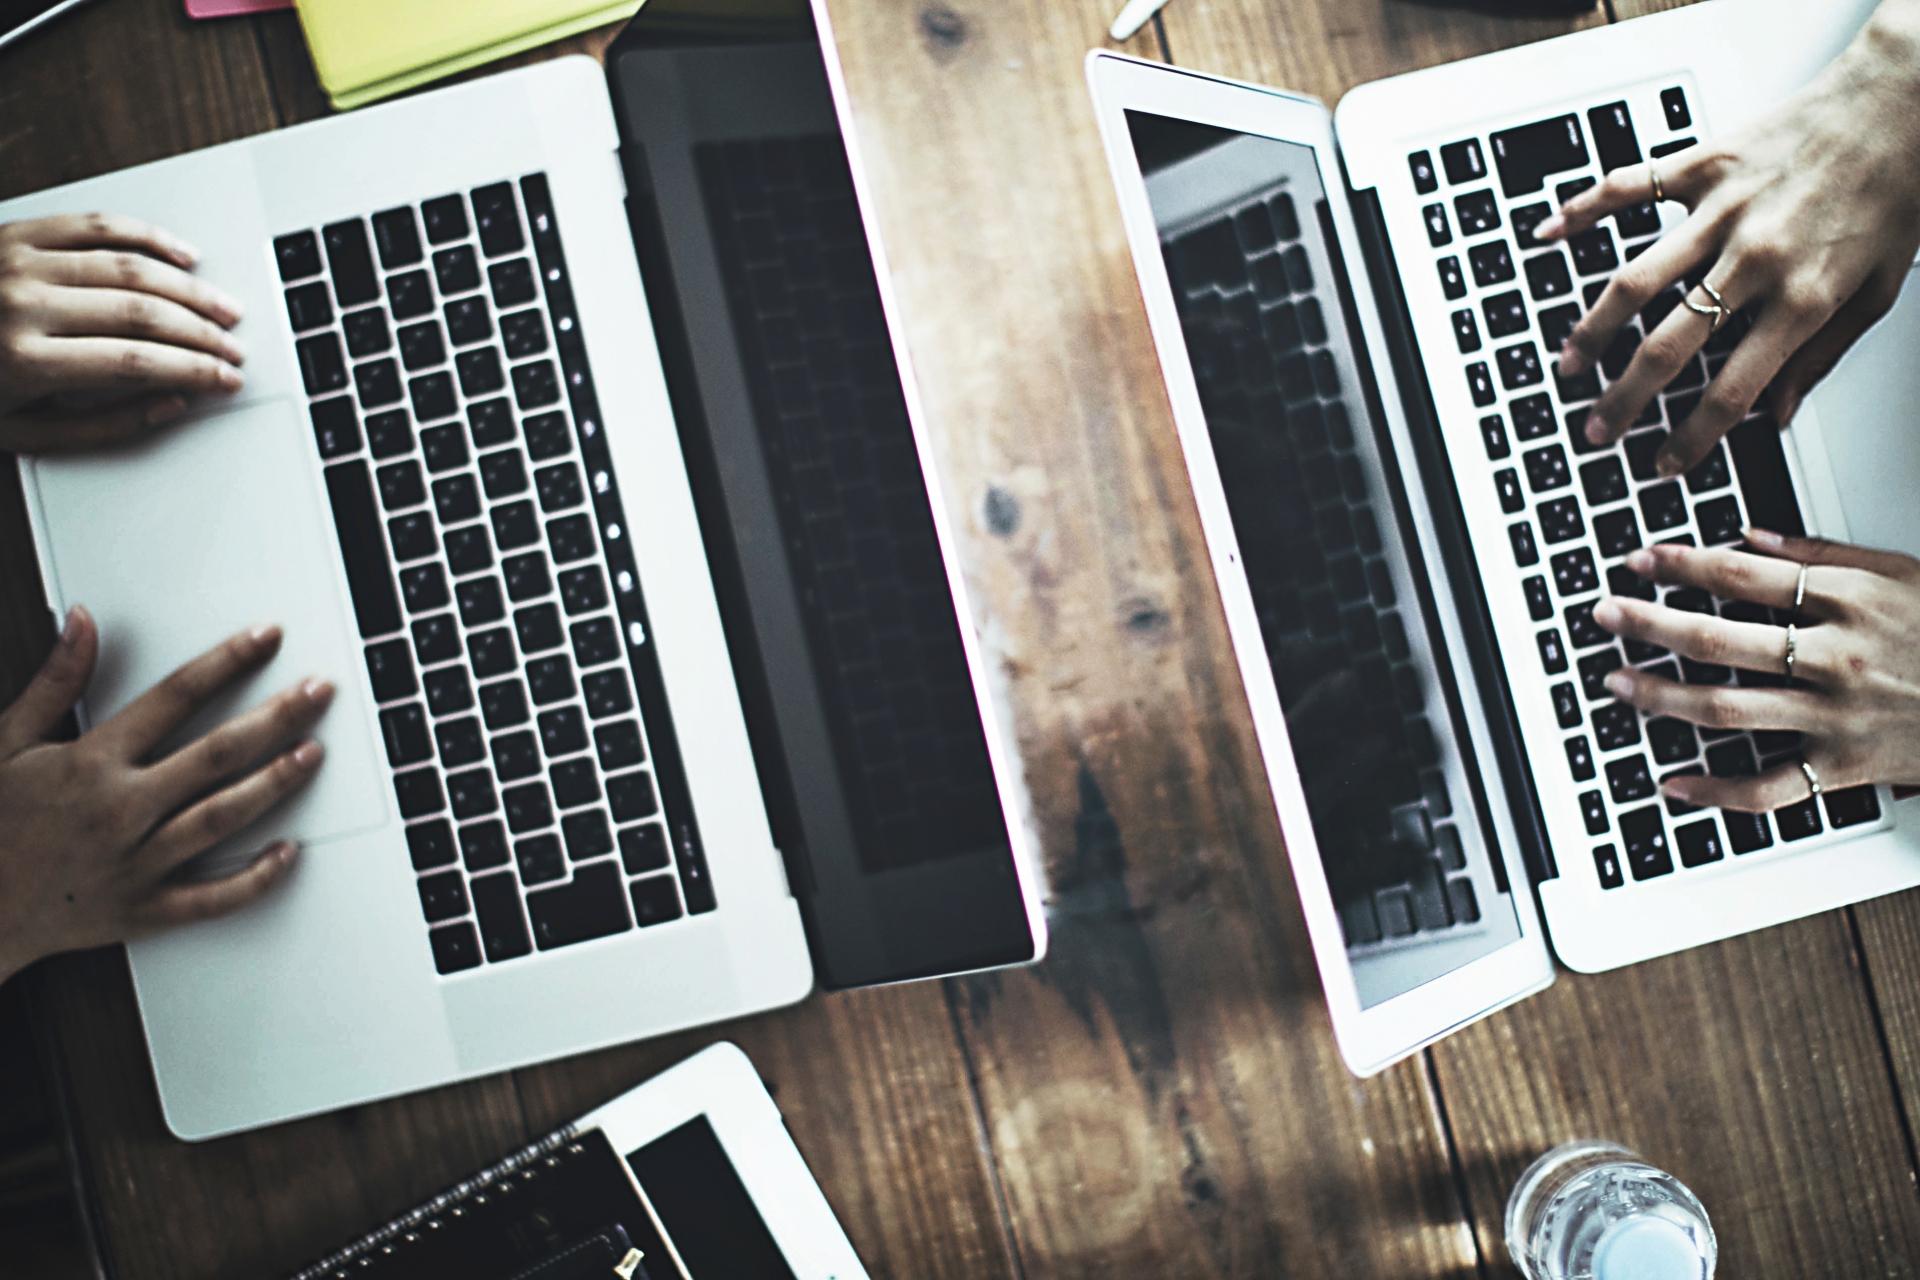 沖縄の会社がホームページ制作をして集客する方法とは?(リフォーム業編)